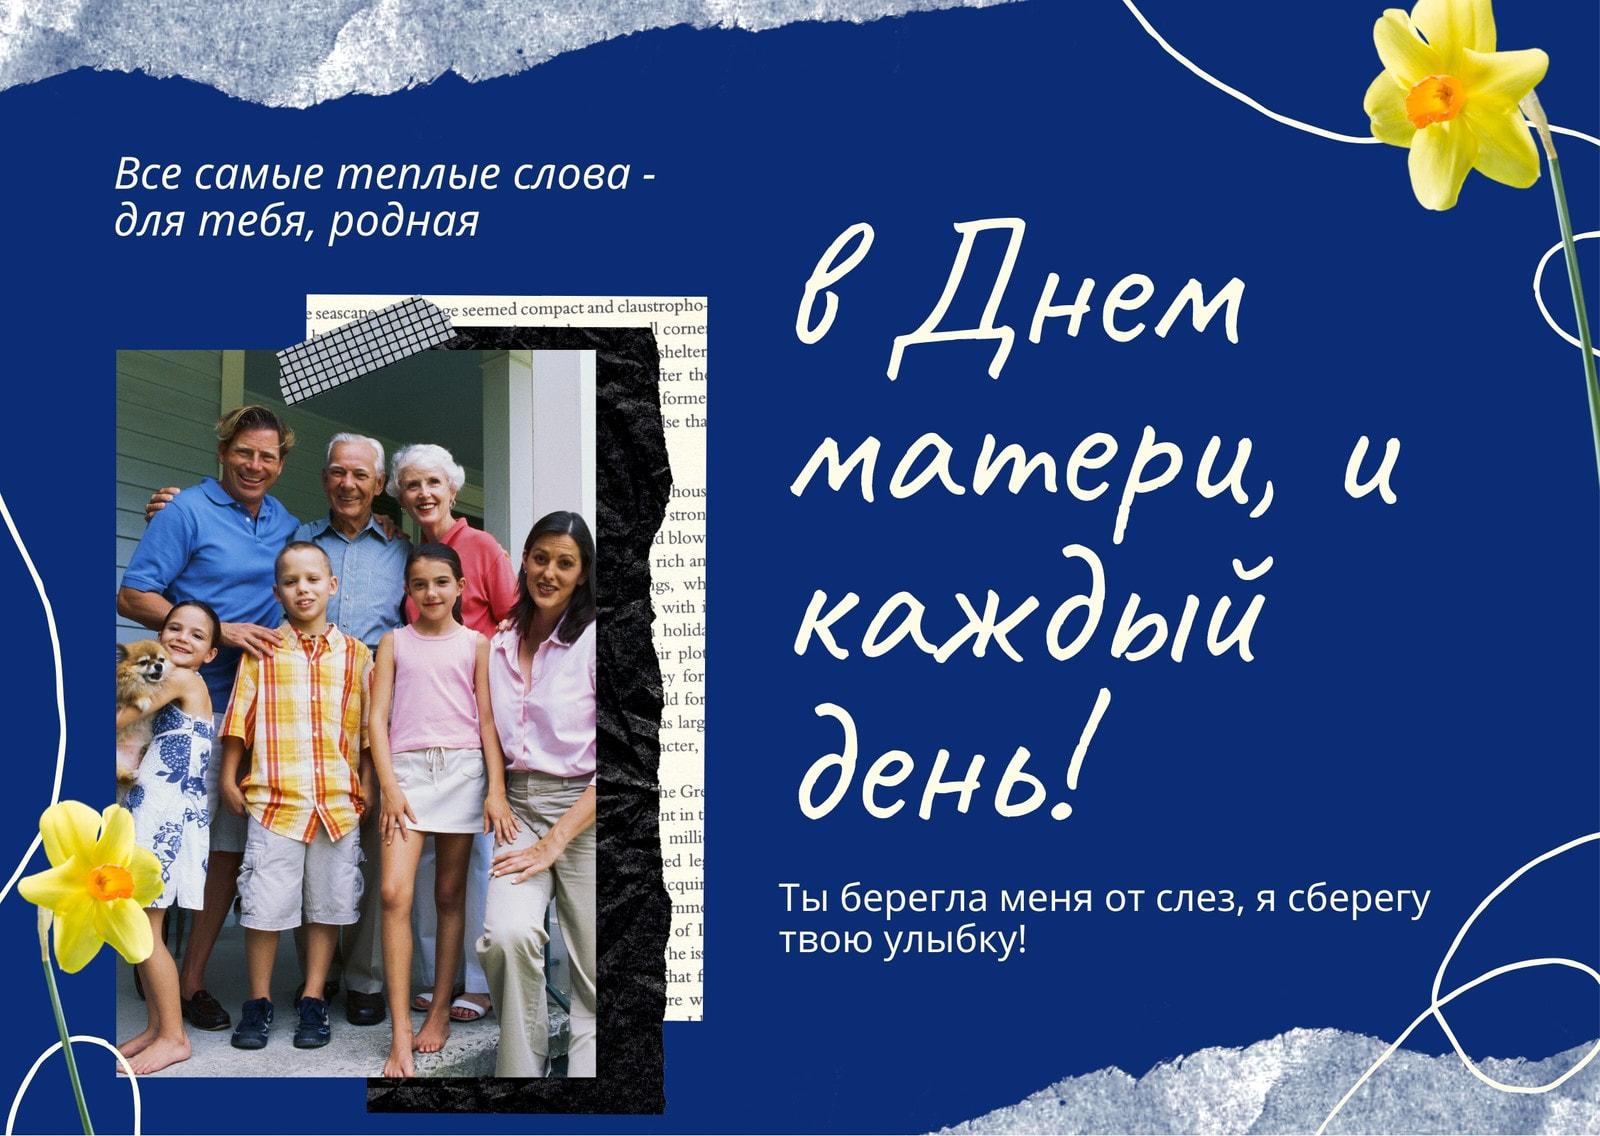 Синяя открытка на день матери с семейной фотографией и нарциссами